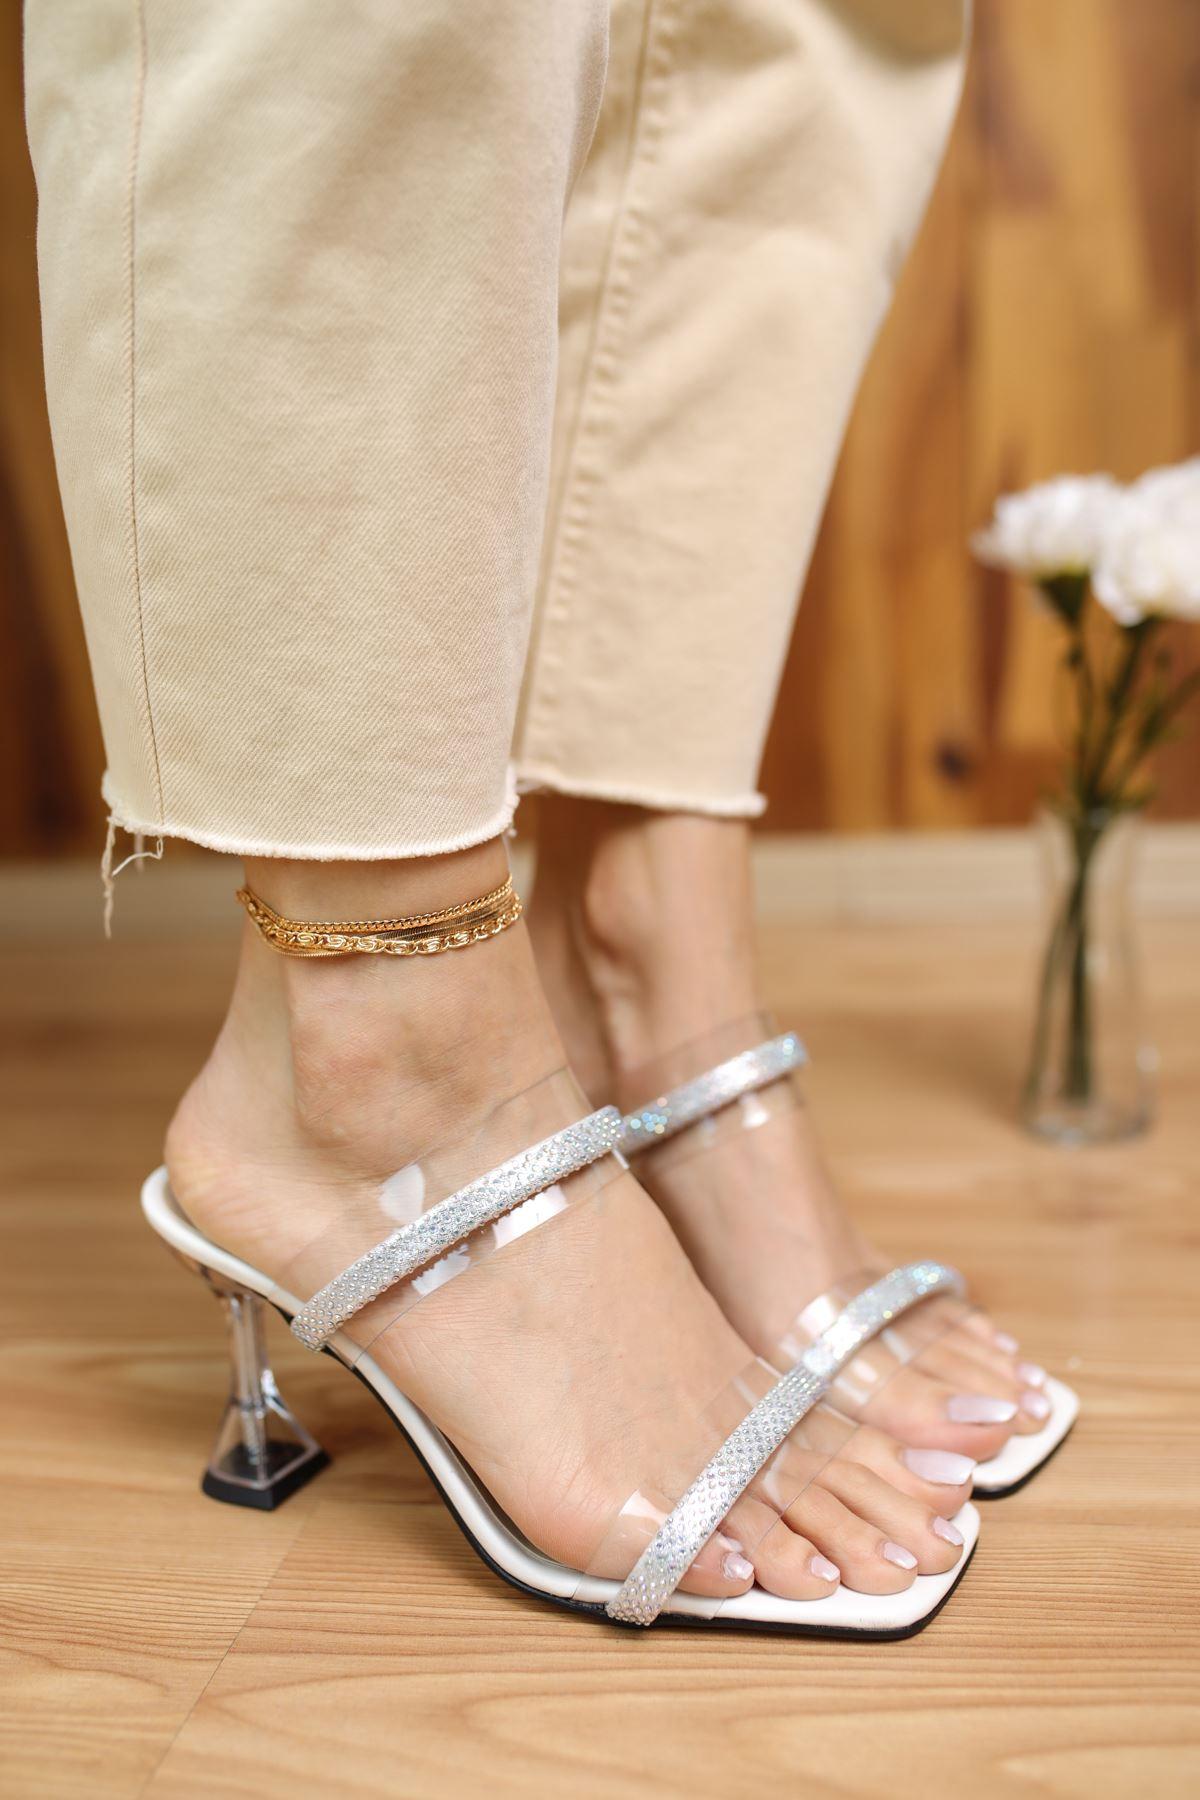 Martin Beyaz Mat Deri Taşlı Şeffaf Kadın Topuklu Ayakkabı